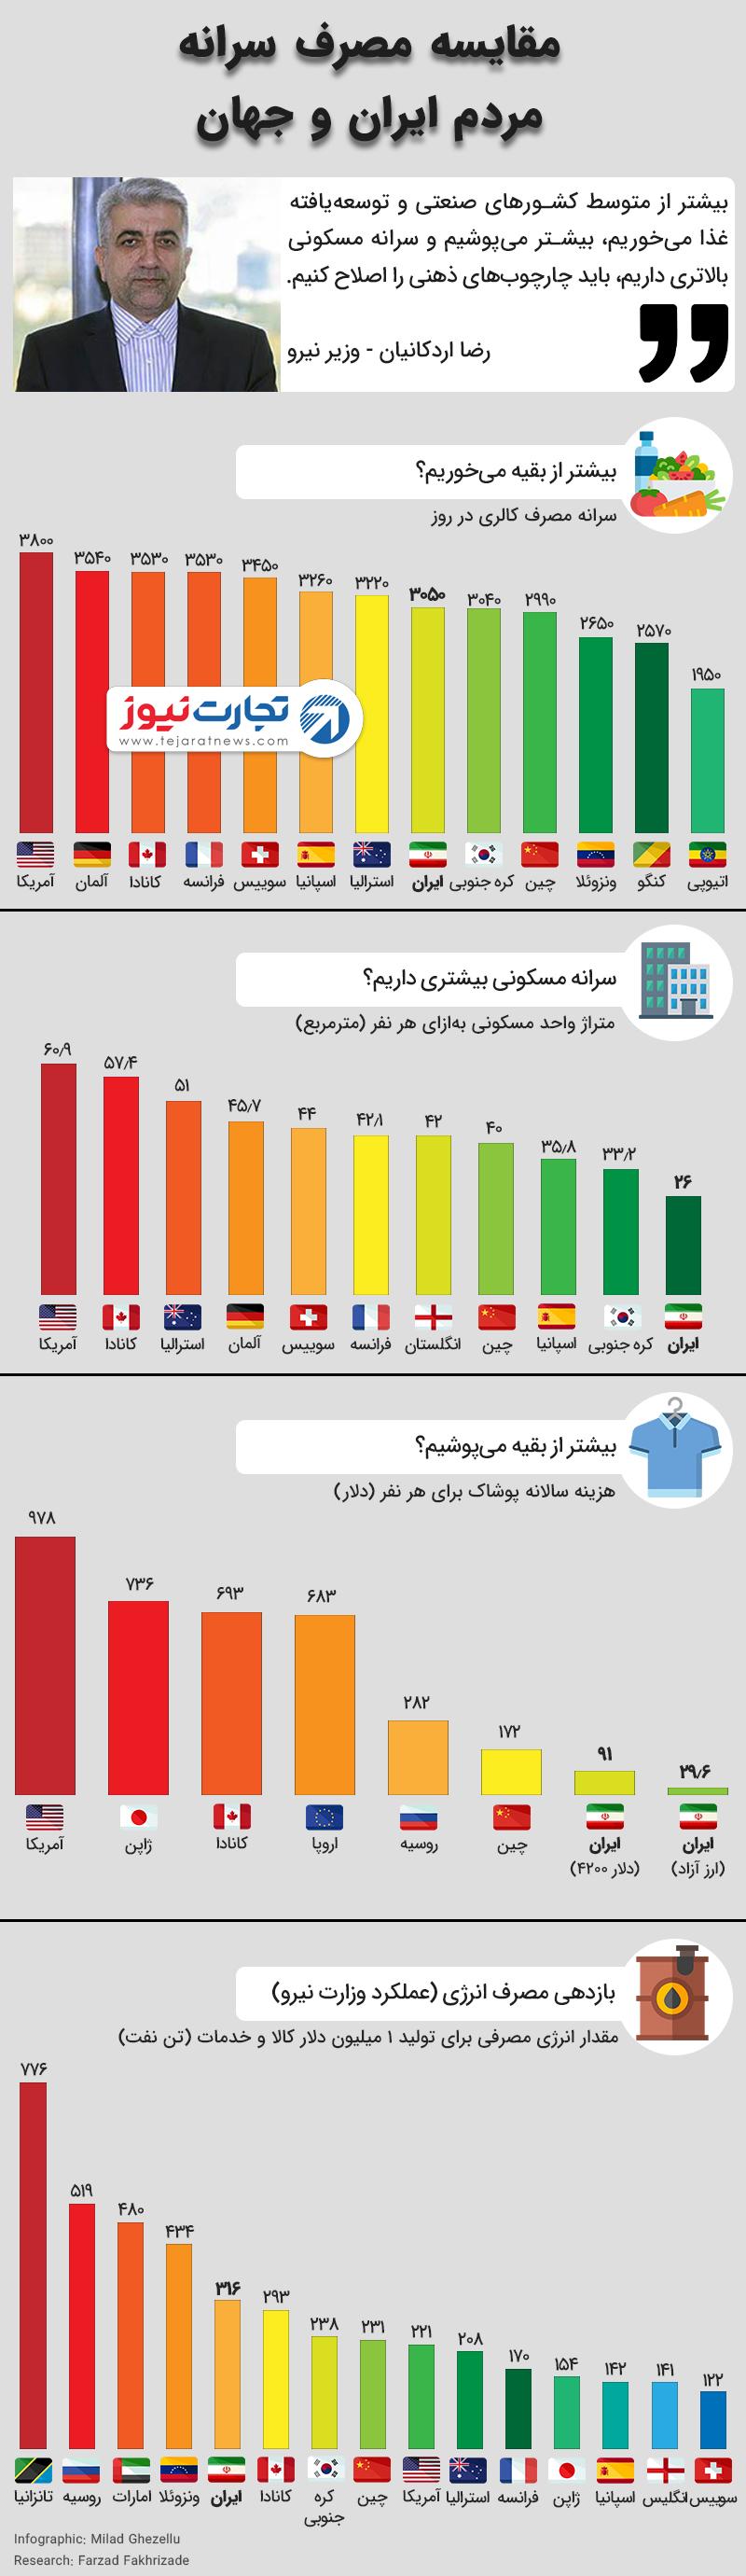 سرانه مصرف مردم ایران و جهان